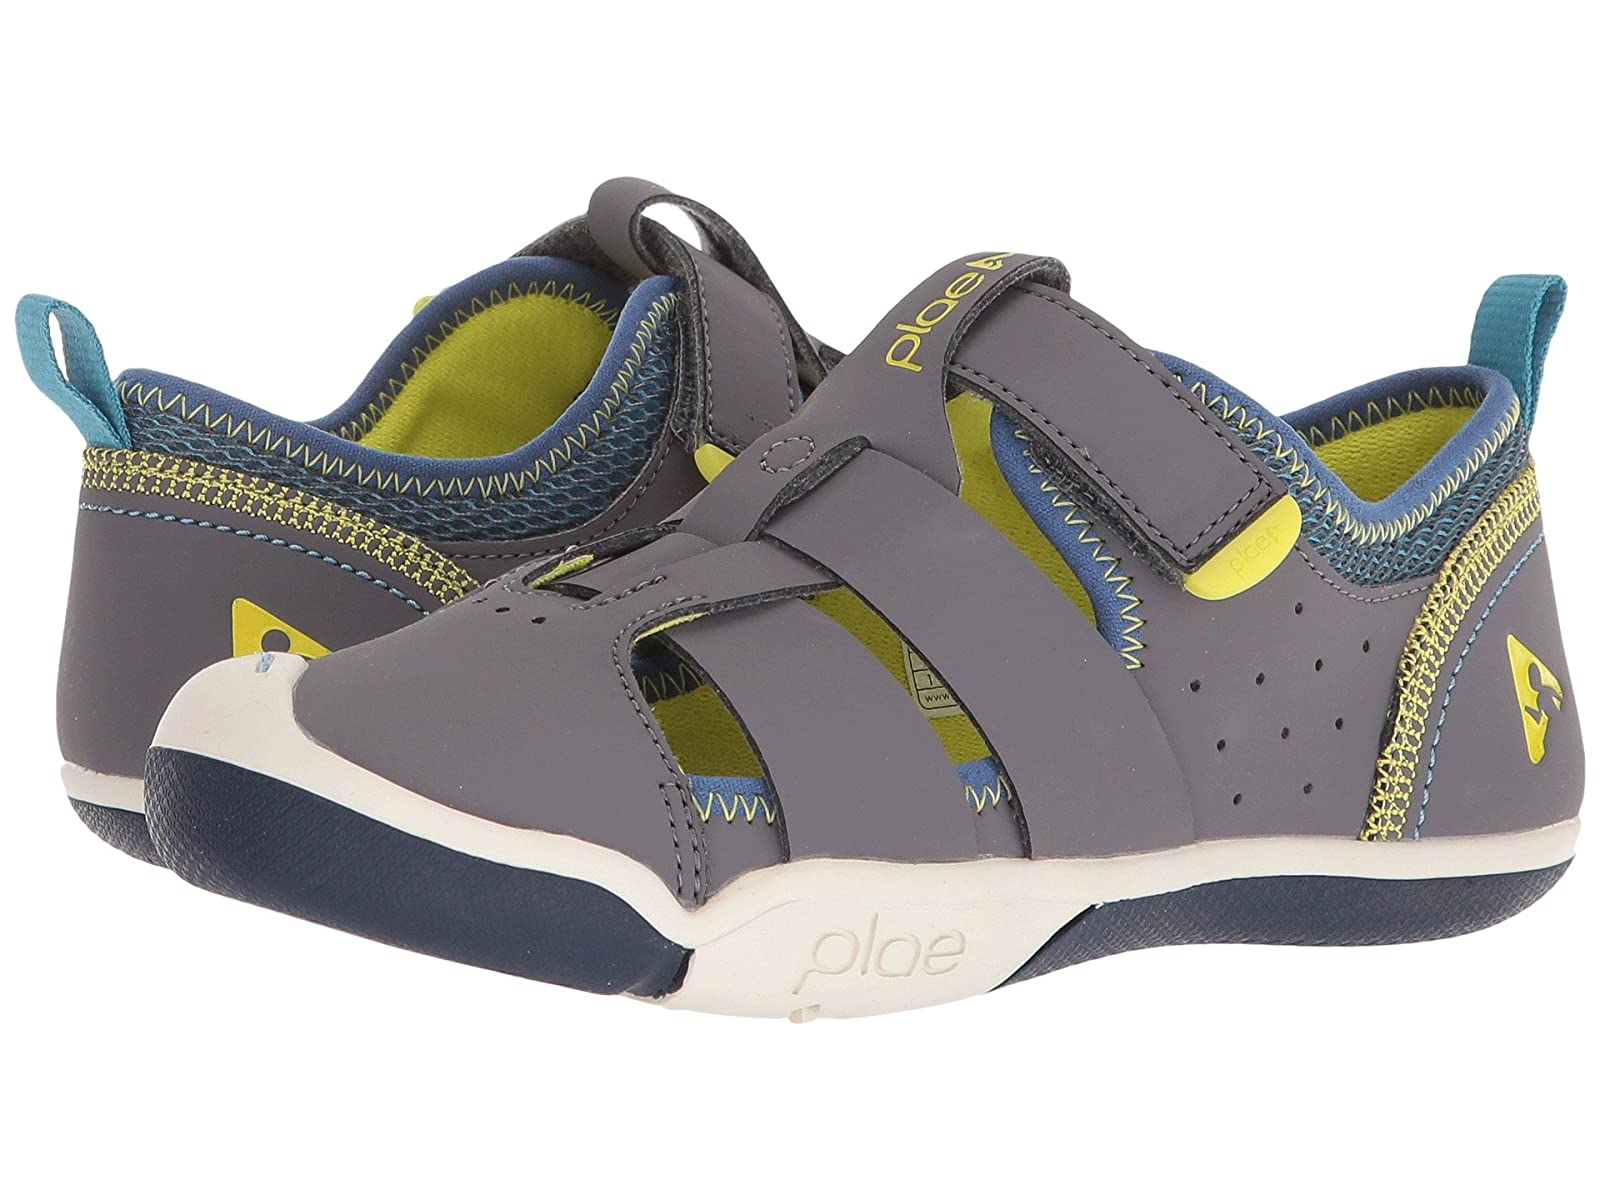 PLAE Sam (Little Kid/Big Kid)Atmospheric grades have affordable shoes